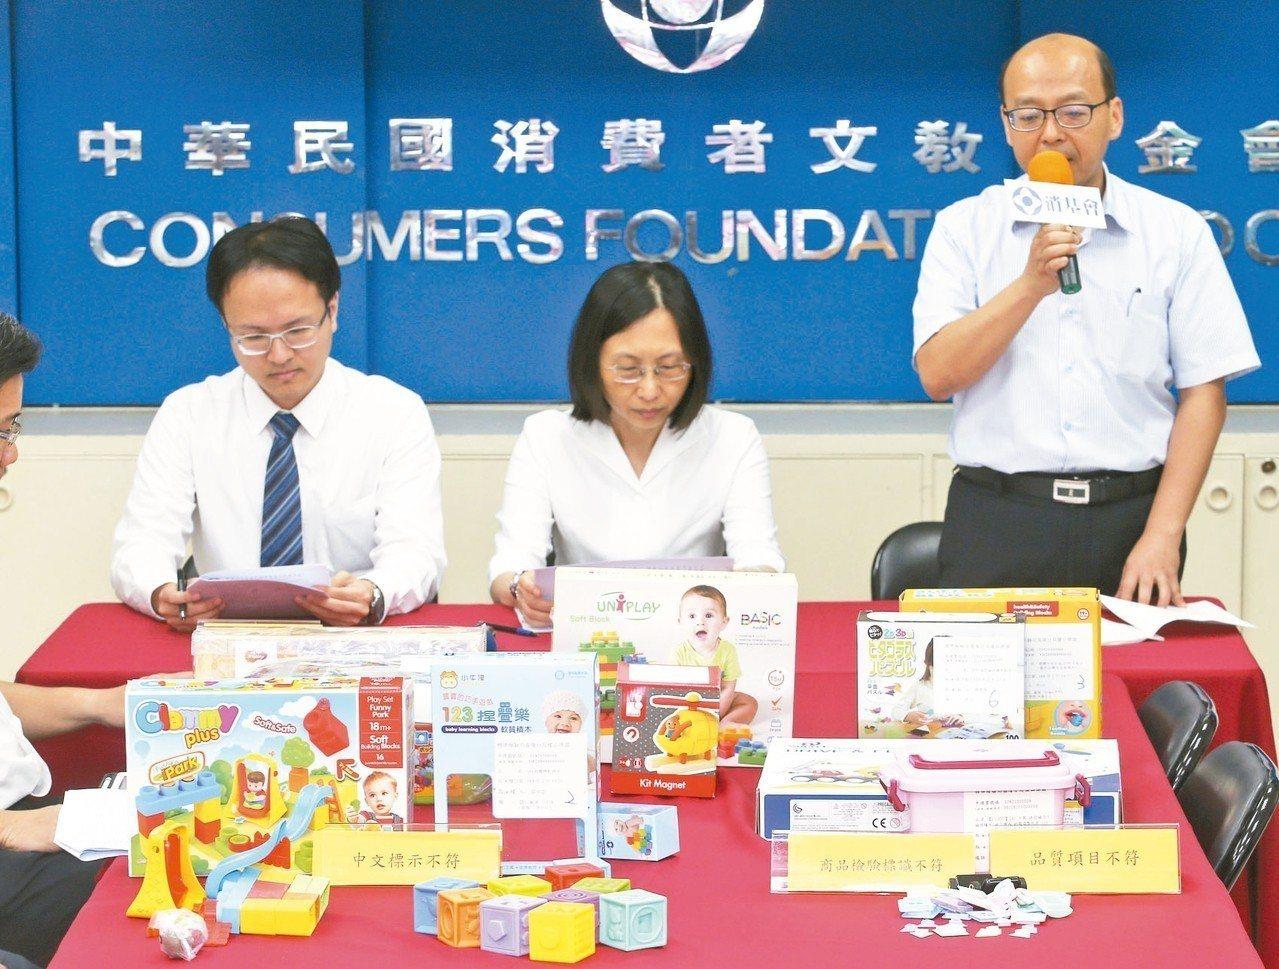 消基會上午公布「檢驗出三款積木玩具標示(識)不合格」,三款中文標示不符,其中一款...